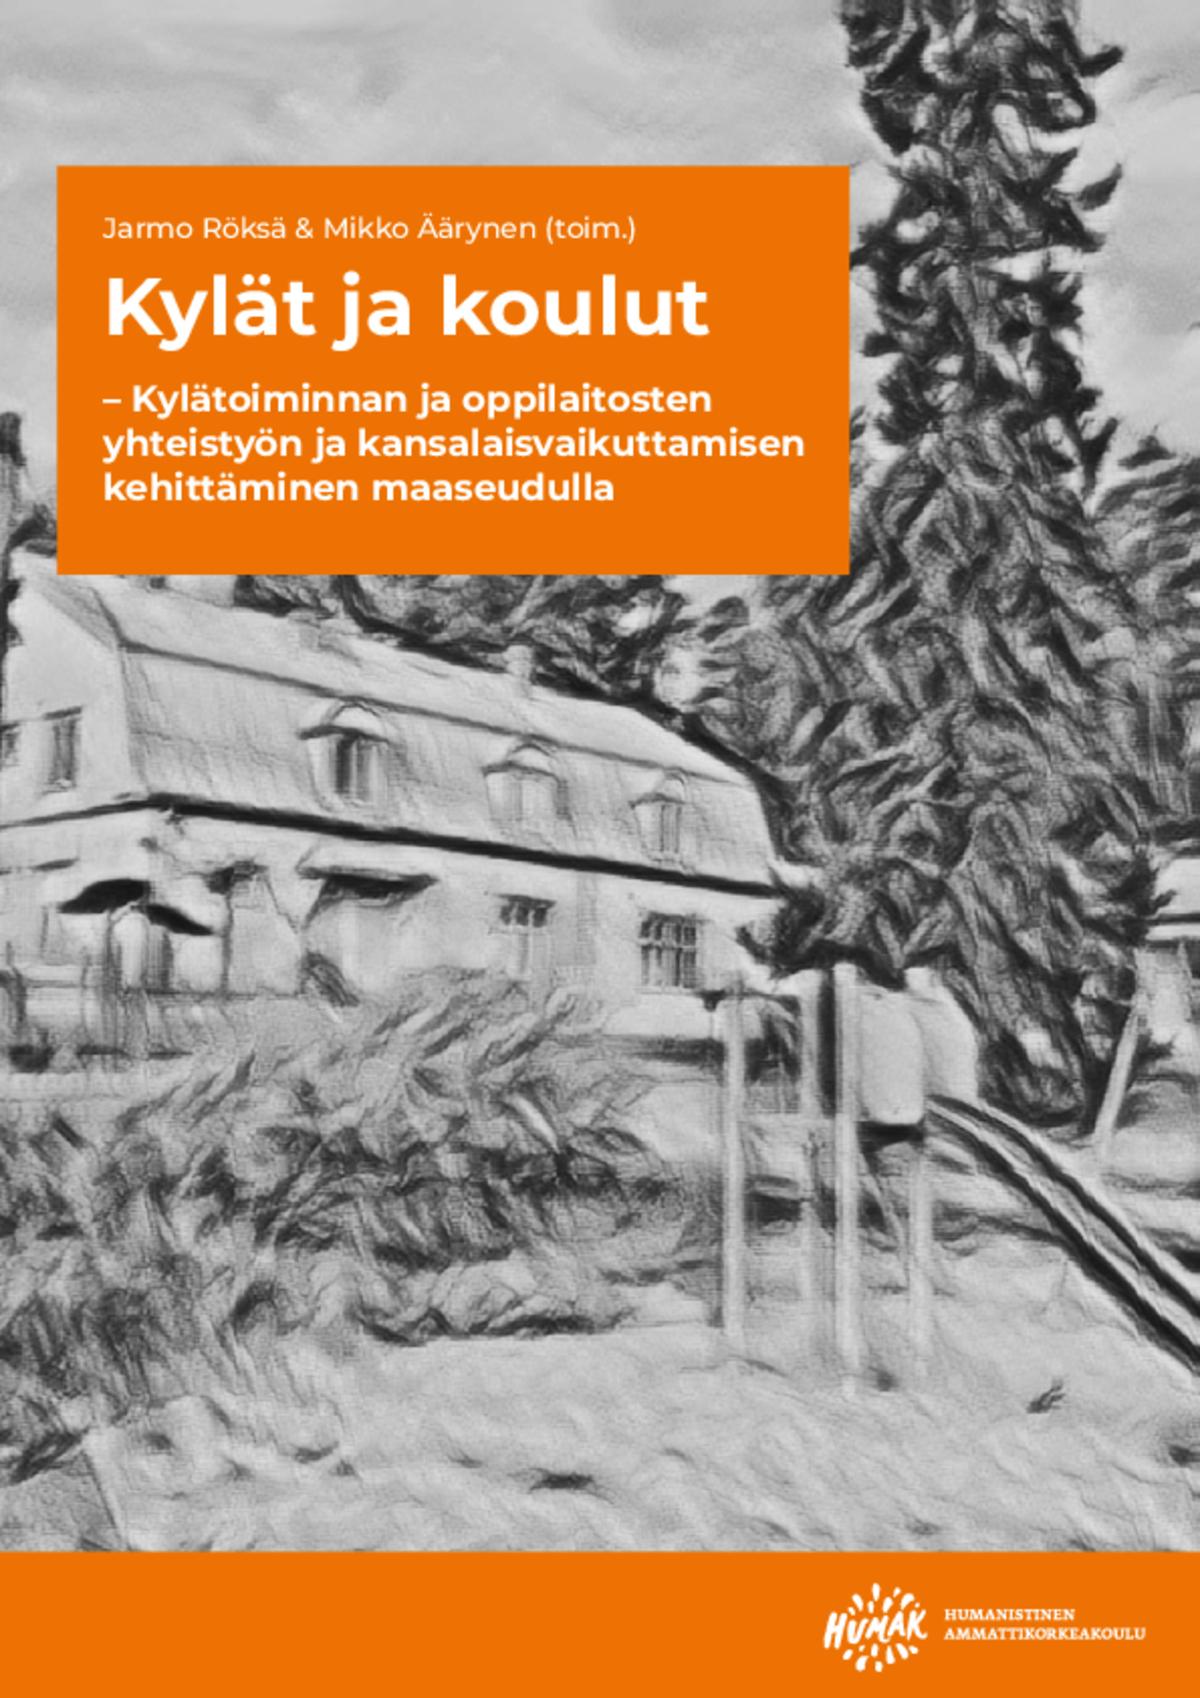 Kylät ja koulut – Kylätoiminnan ja oppilaitosten yhteistyön ja kansalaisvaikuttamisen kehittäminen maaseudulla